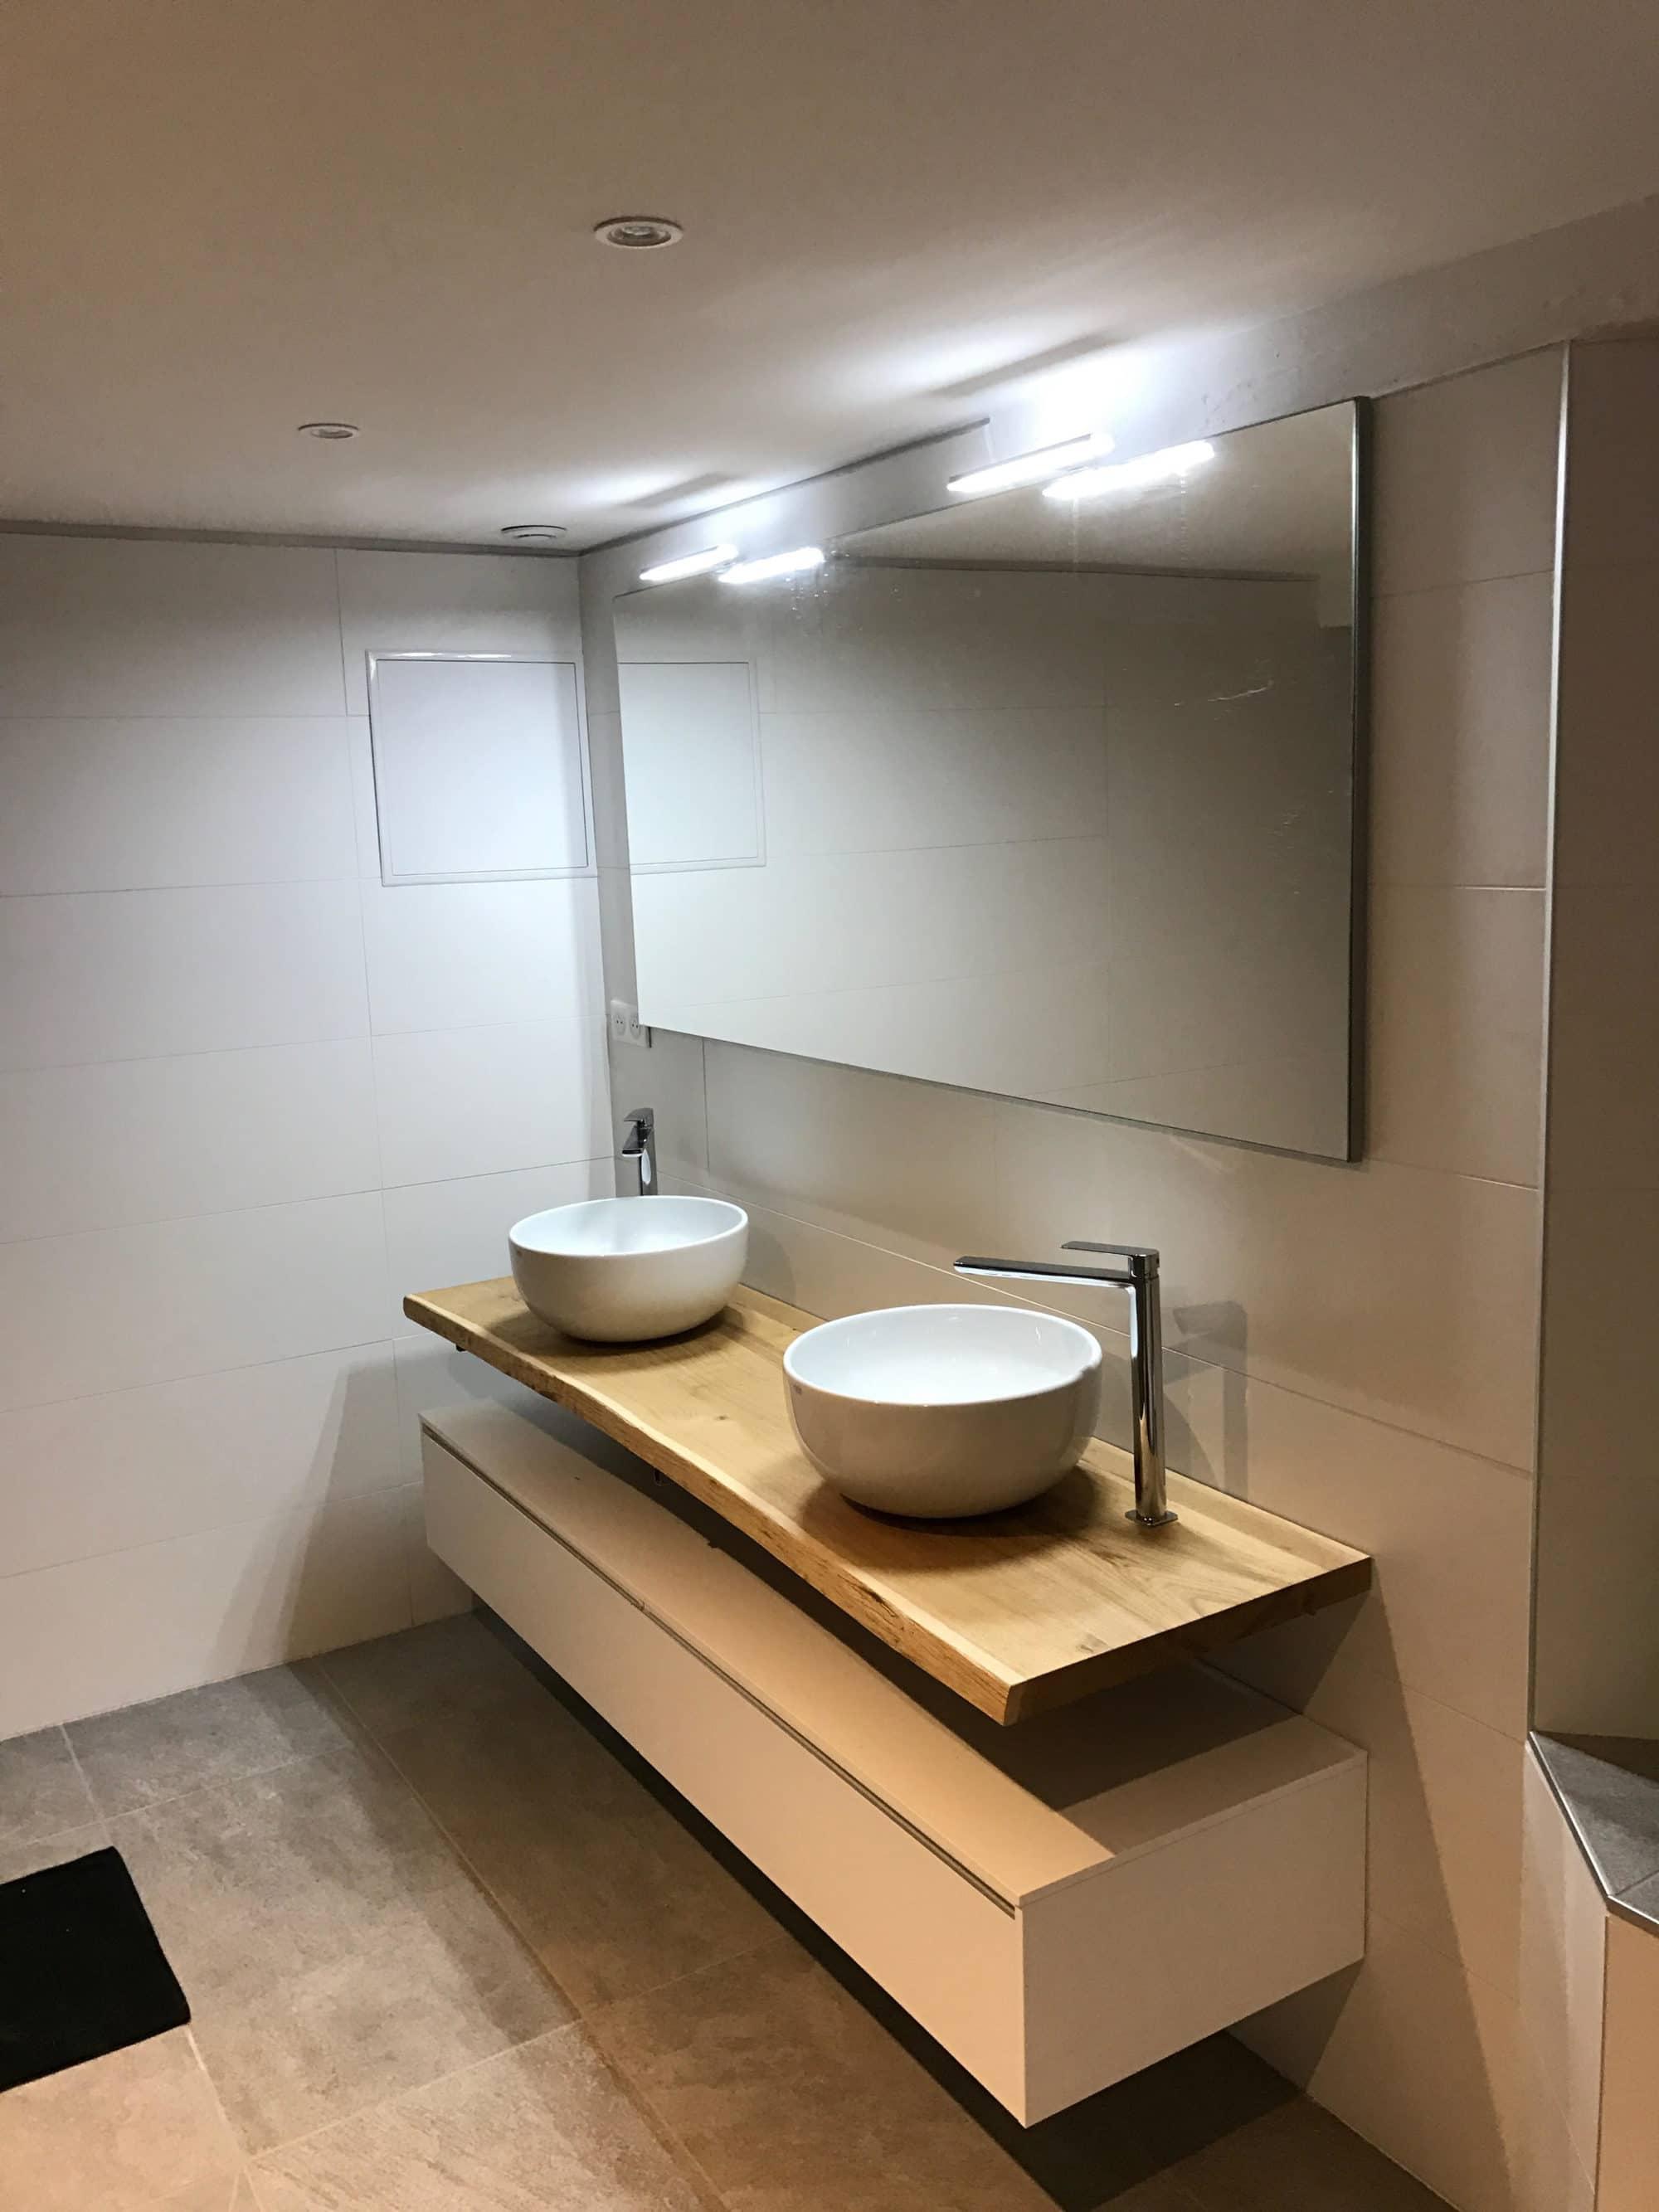 Renovation quartier carmes lmcs la maison du carrelage - Showroom salle de bain toulouse ...